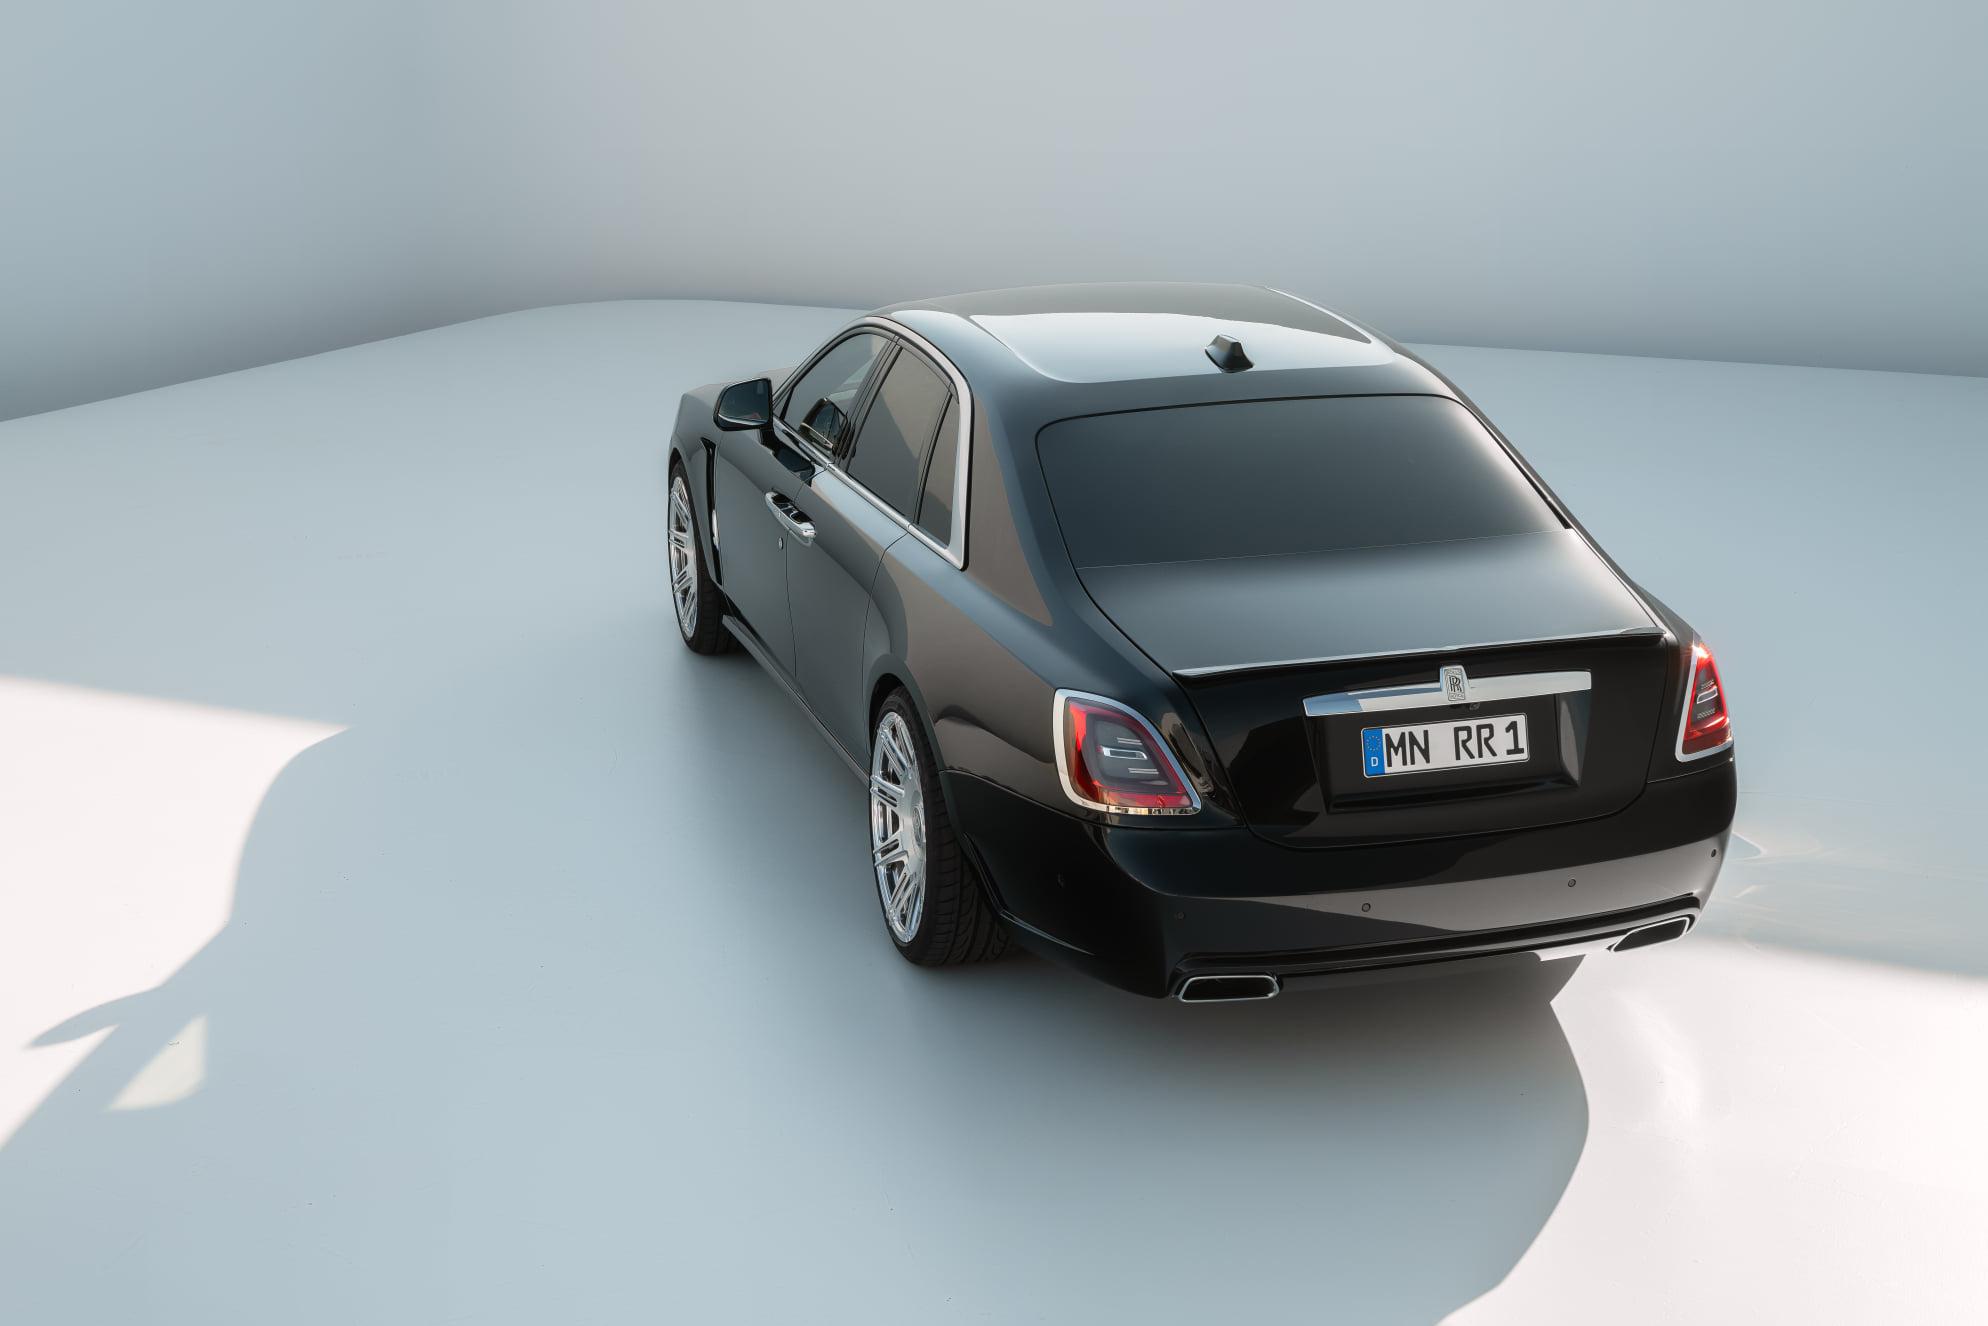 Rolls-Royce-Ghost-by-Spofec-7